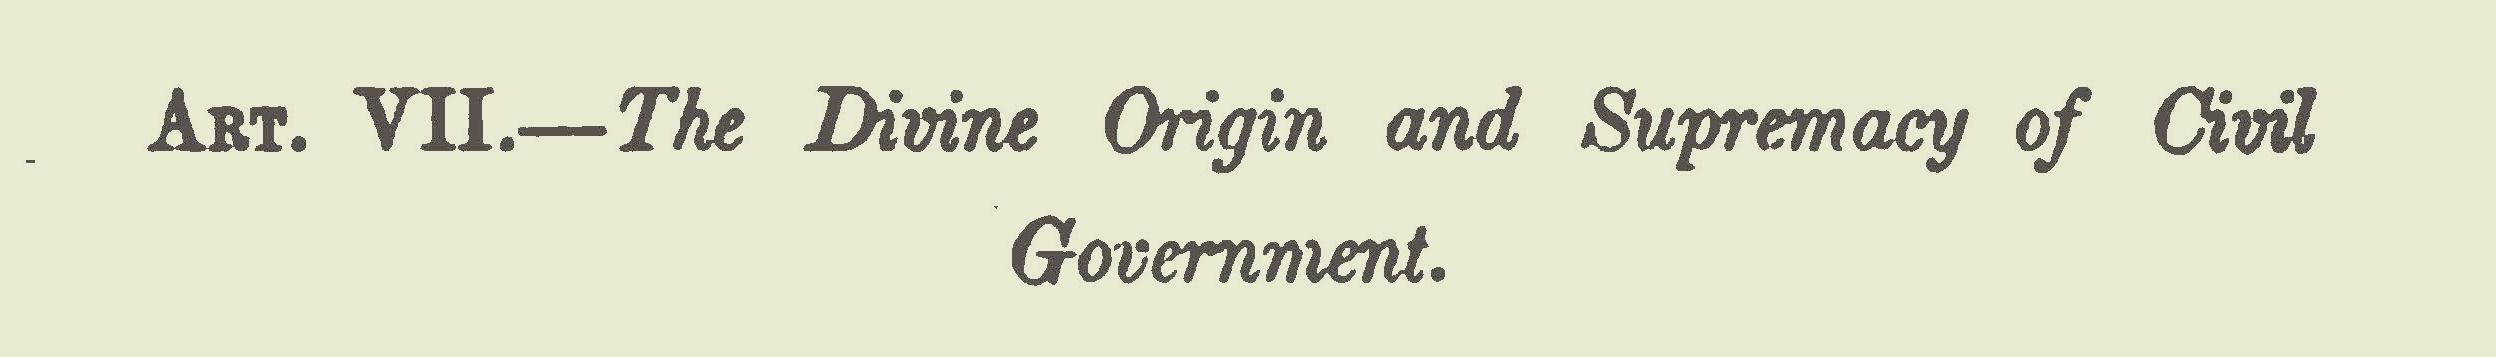 Breckinridge, Robert Jefferson, The Divine Origin and Supremacy of Civil Government Title Page.jpg